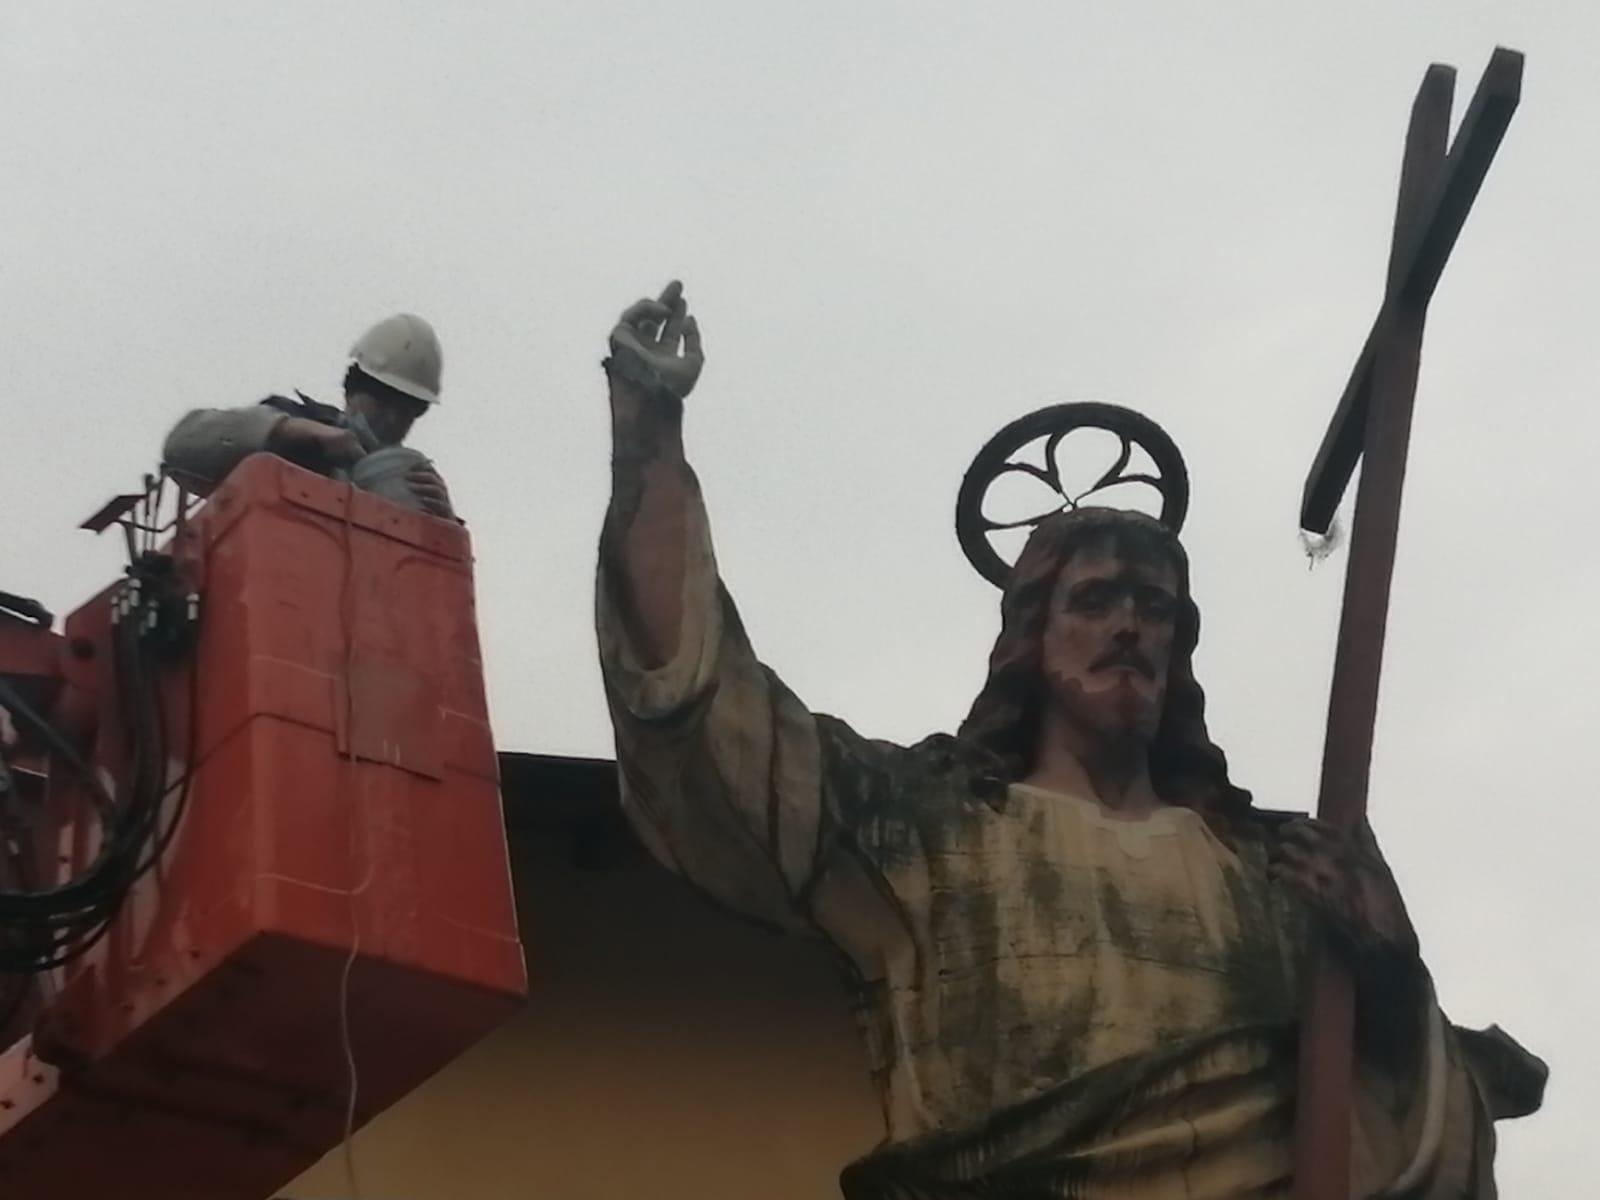 cristun de cement Corvetto - El Cristun de cement ha riavuto la sua mano dopo 10 anni 12/12/2020